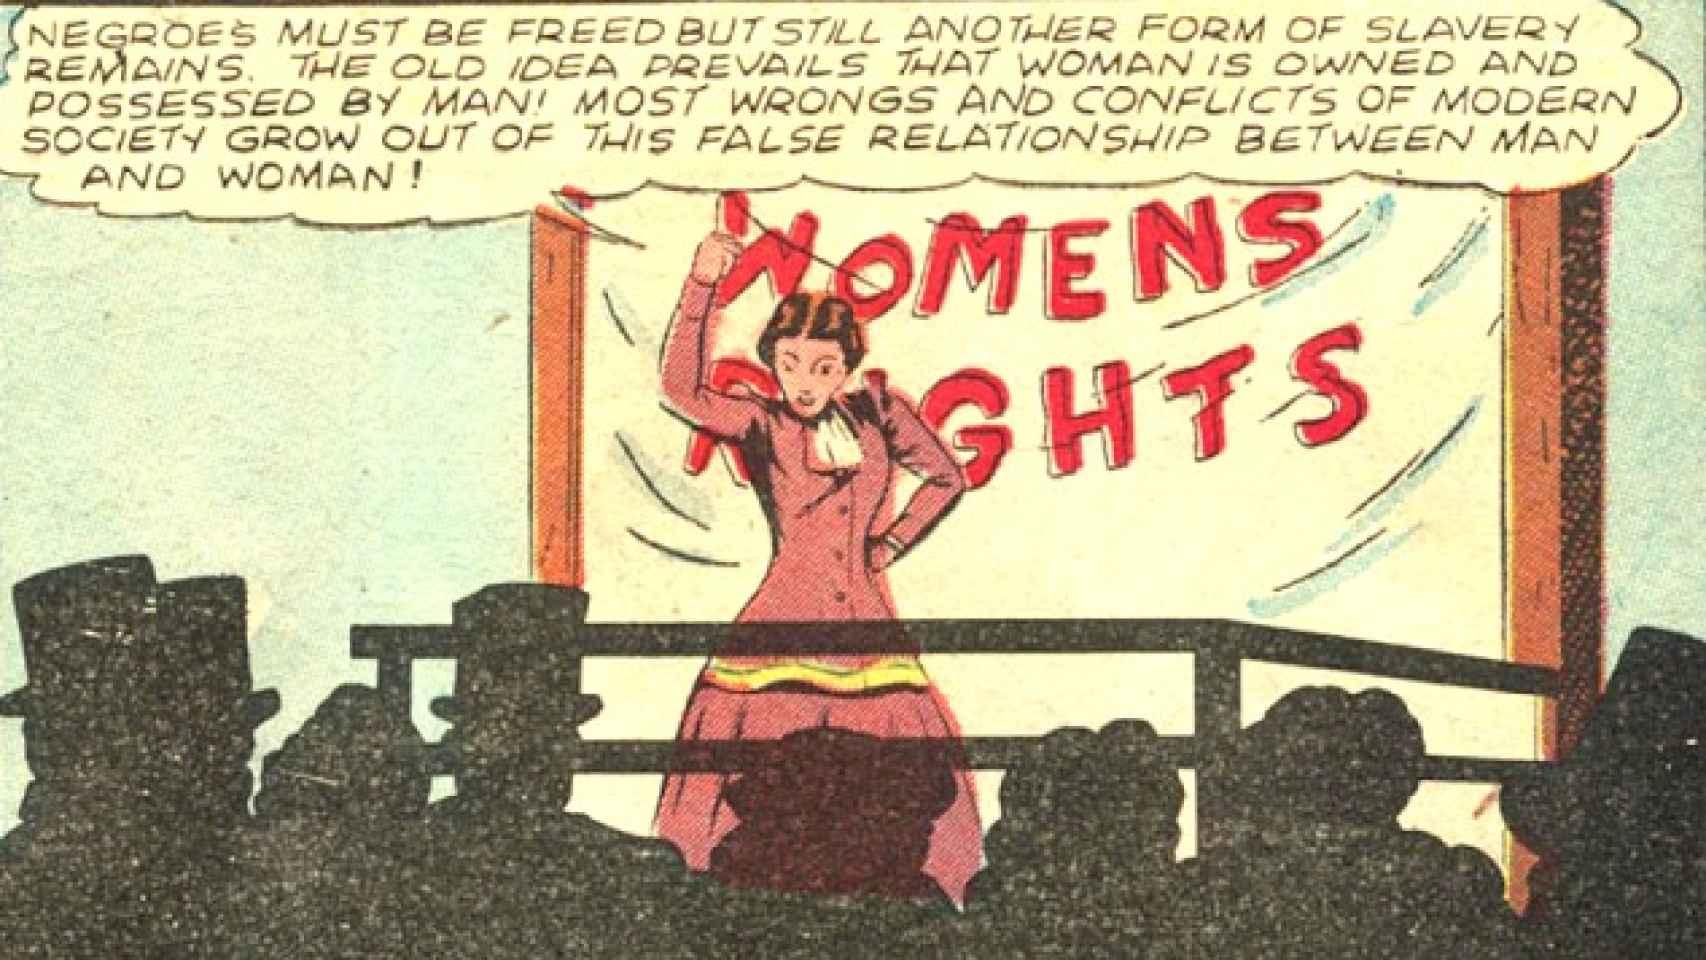 Wonder Women dedicado a la sugragista Susan B. Anthony.